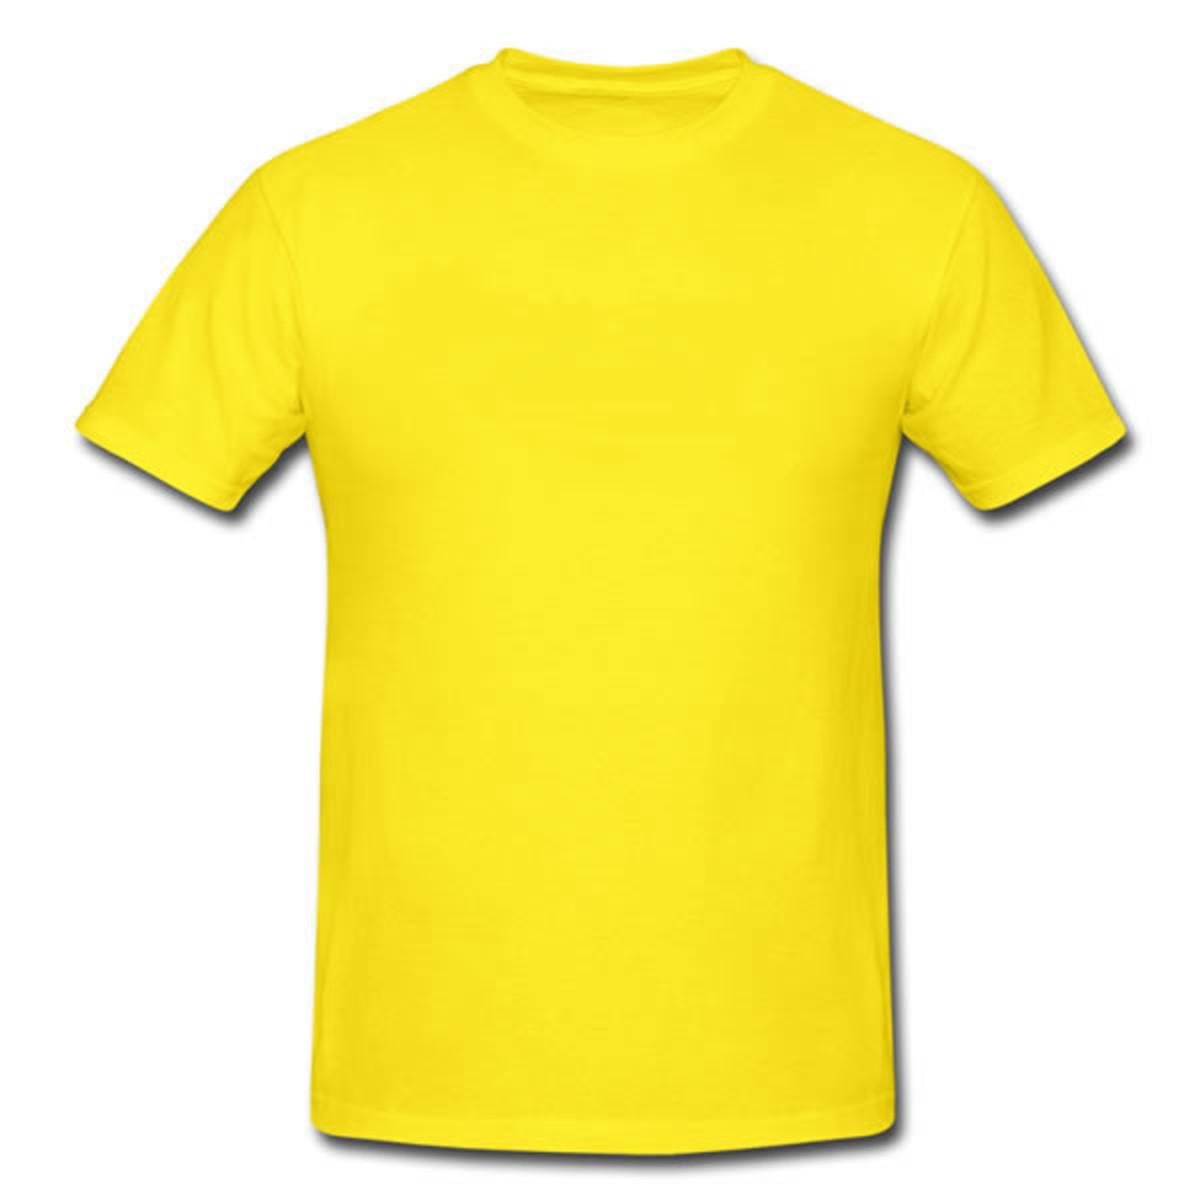 a1c1c4b97 Camiseta lisa 100% algodão 30.1 - Amarela no Elo7